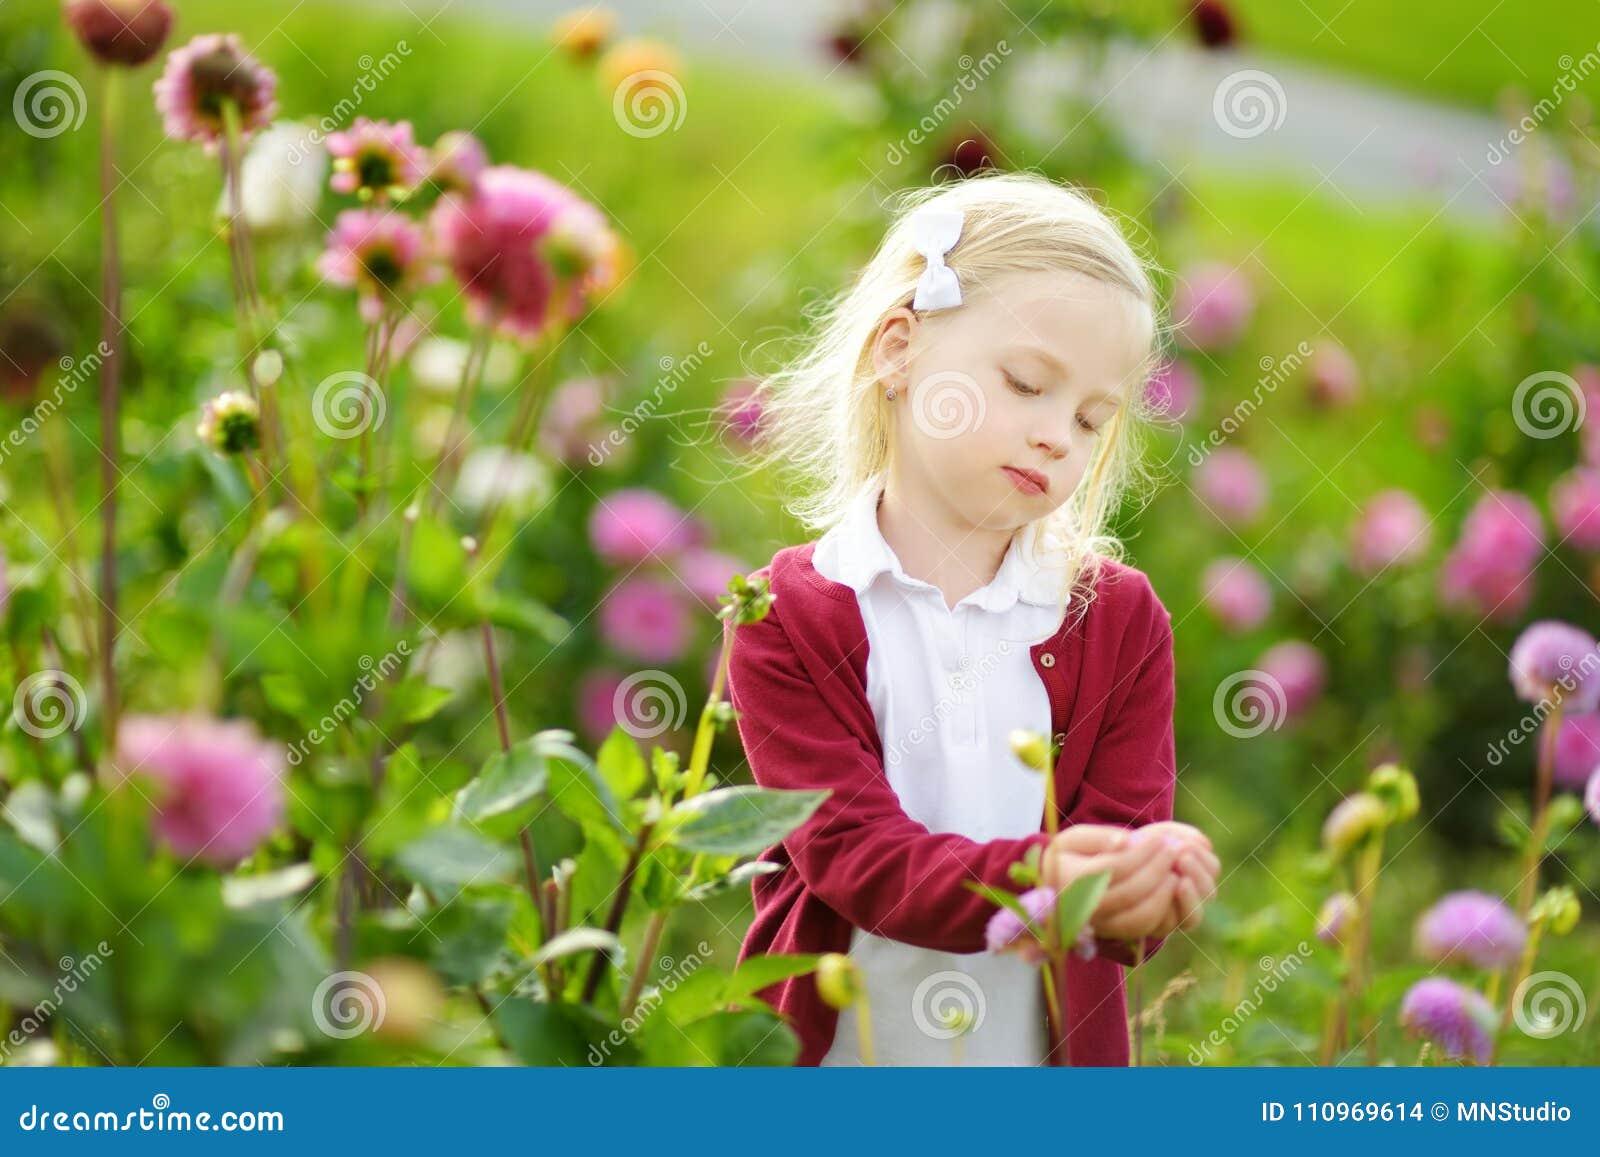 Bambina sveglia che gioca nel campo sbocciante della dalia Bambino che seleziona i fiori freschi nel prato della dalia il giorno